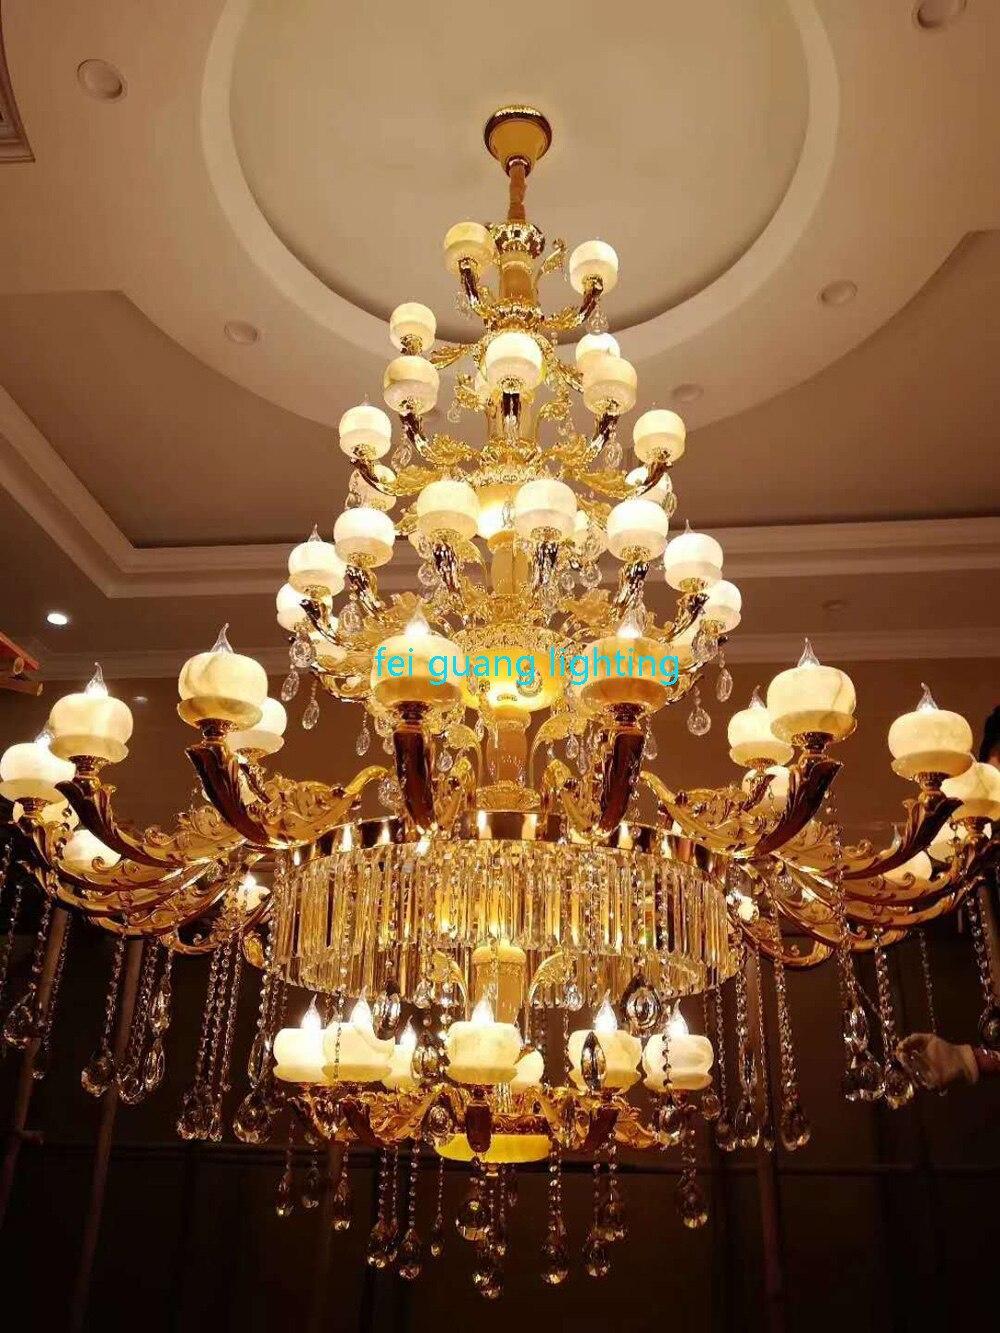 Candelabro de cristal de lujo europeo imitación jade Villa dúplex sala de estar cinco pisos Hotel iluminación de lujo para candelabro